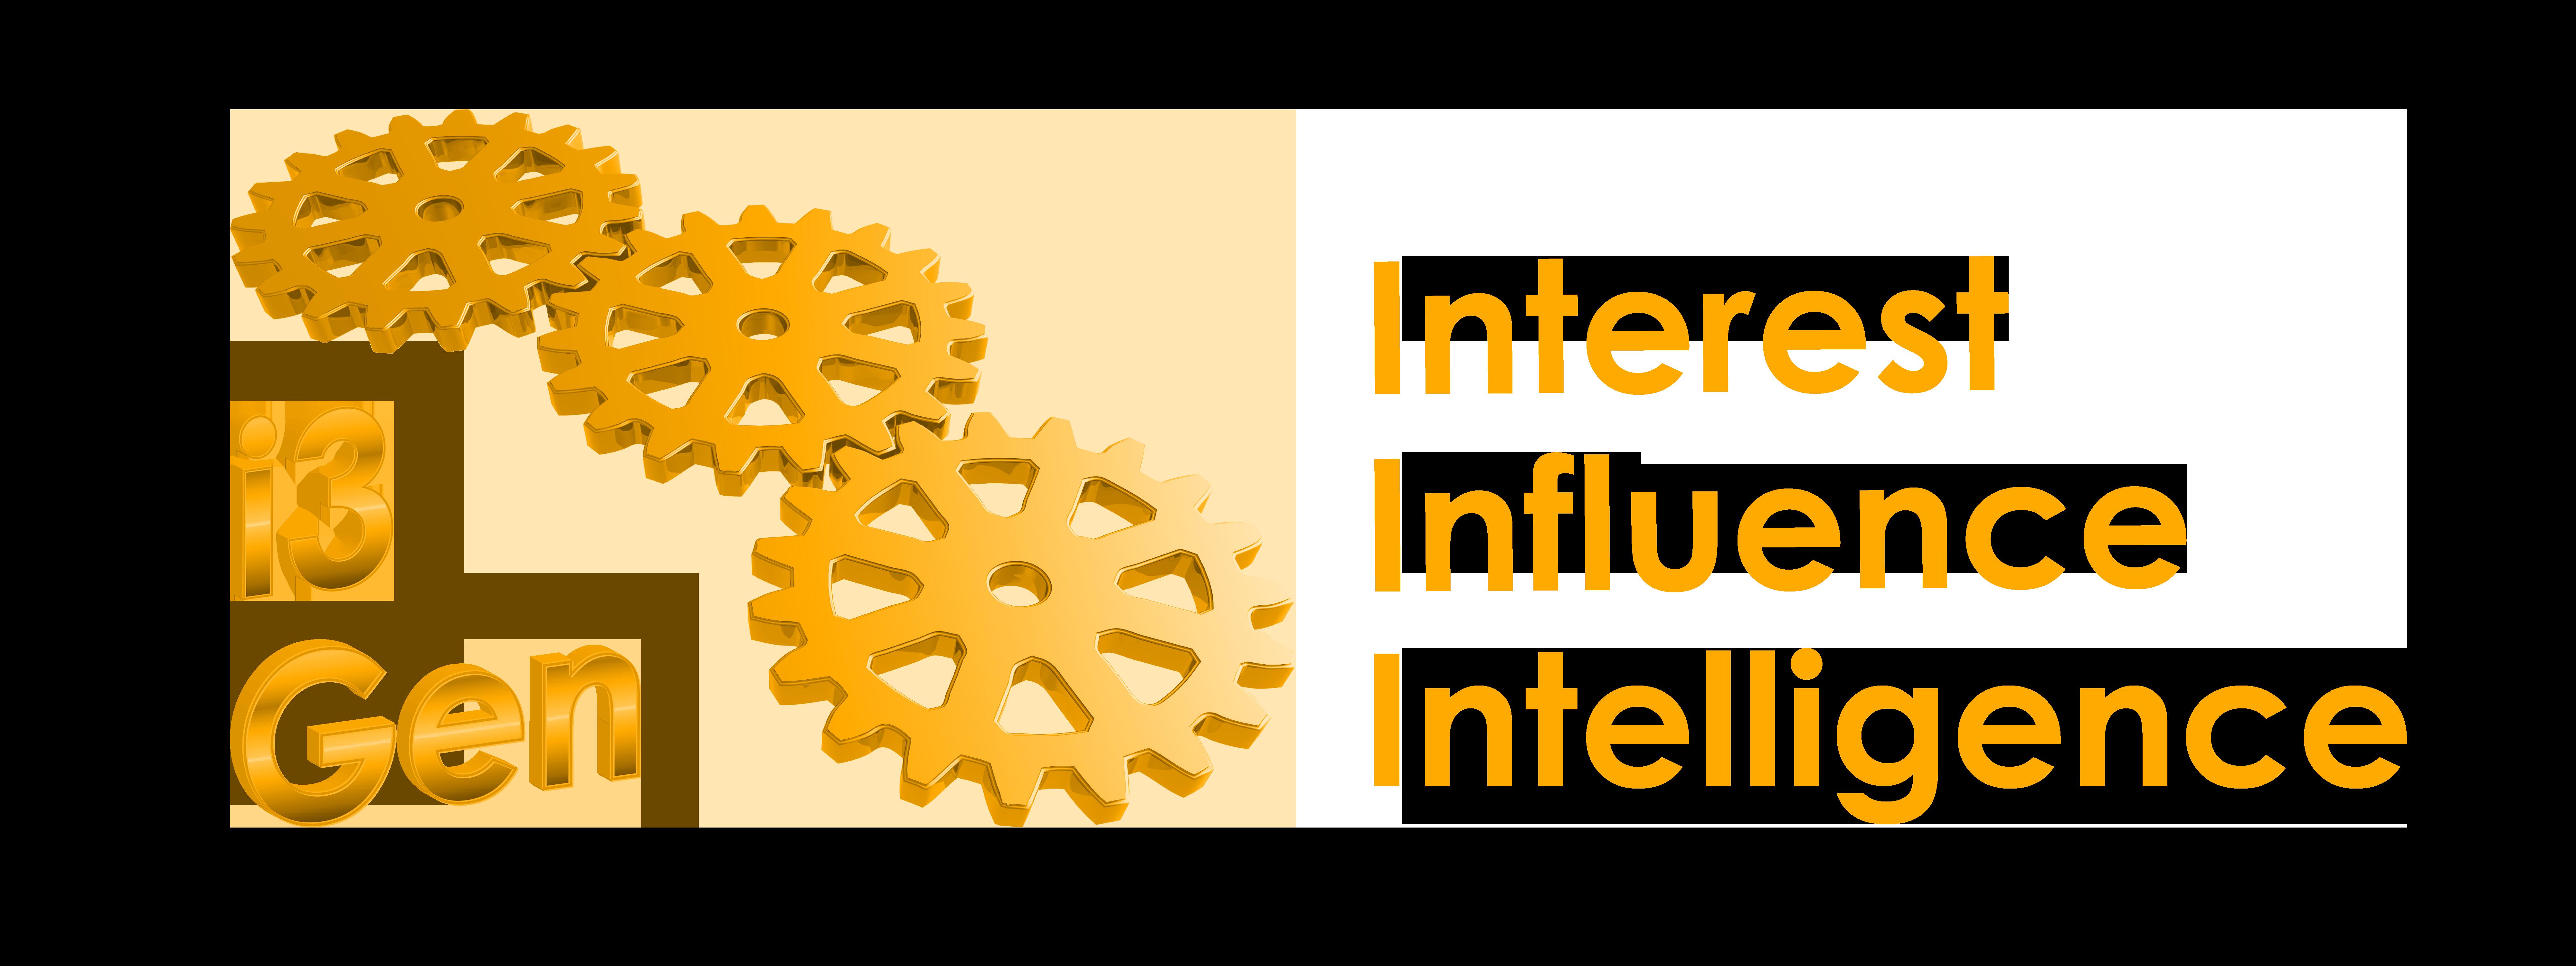 i3 Gen – Interest, Influence, Intelligence – Digital and Social Media